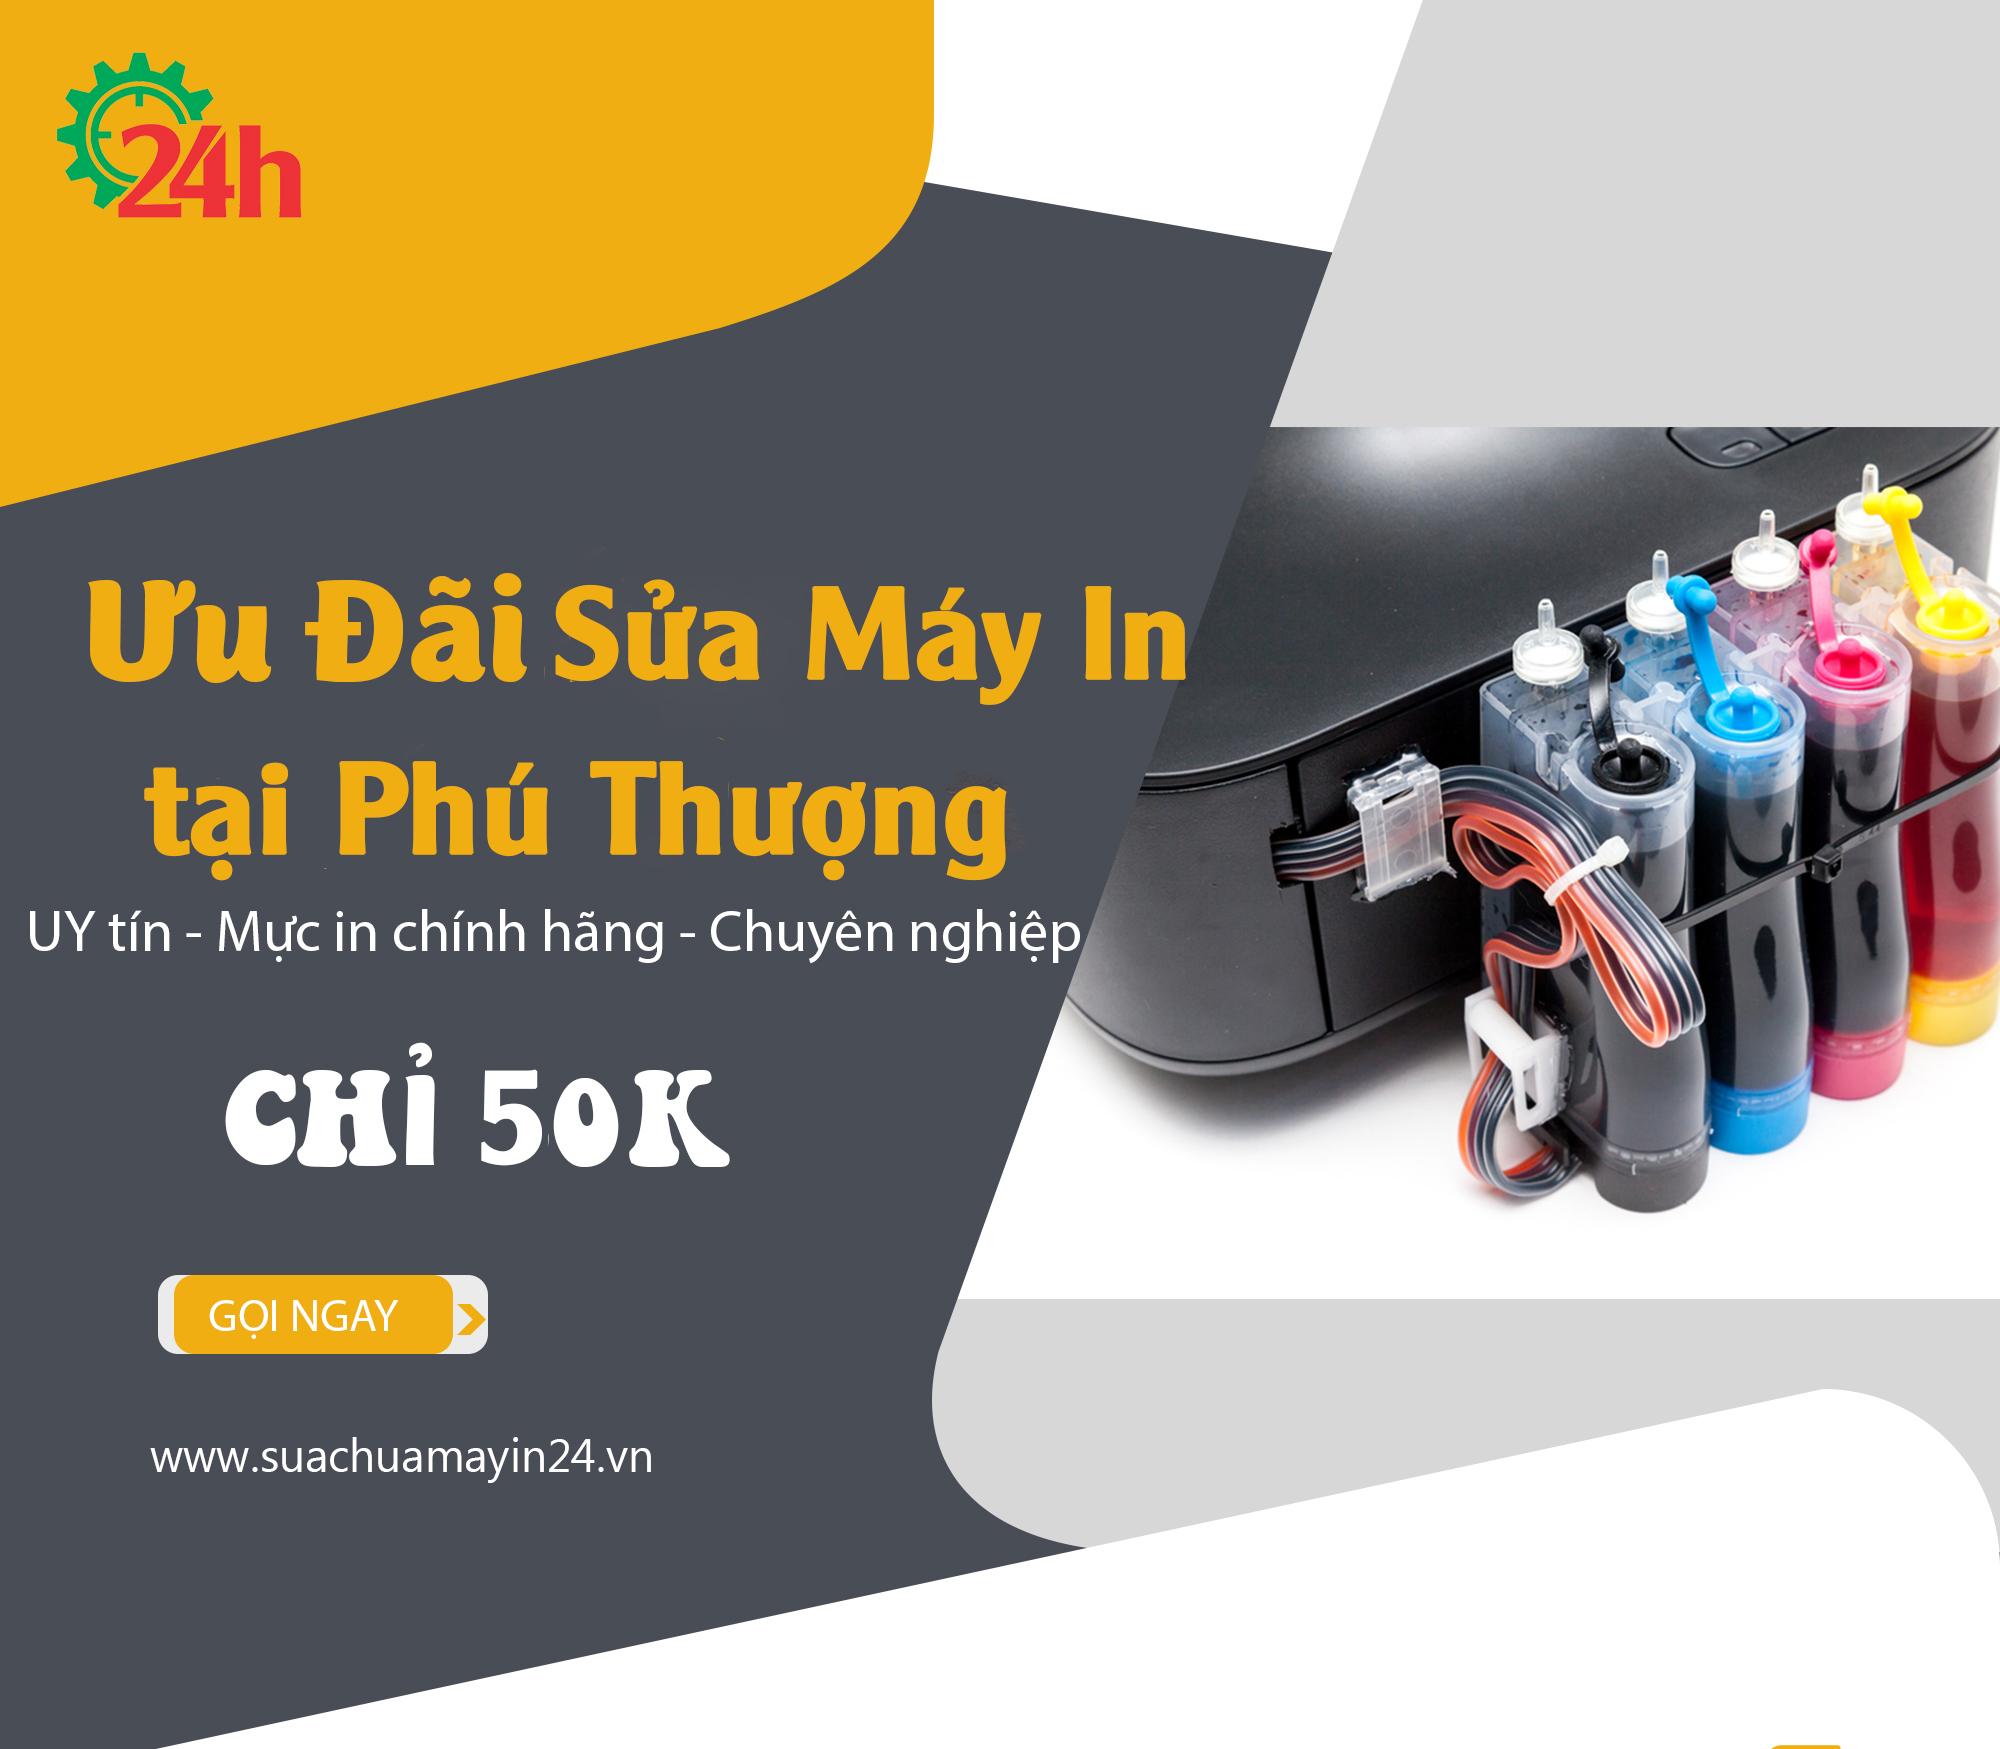 sua-may-in-tai-phu-thuong